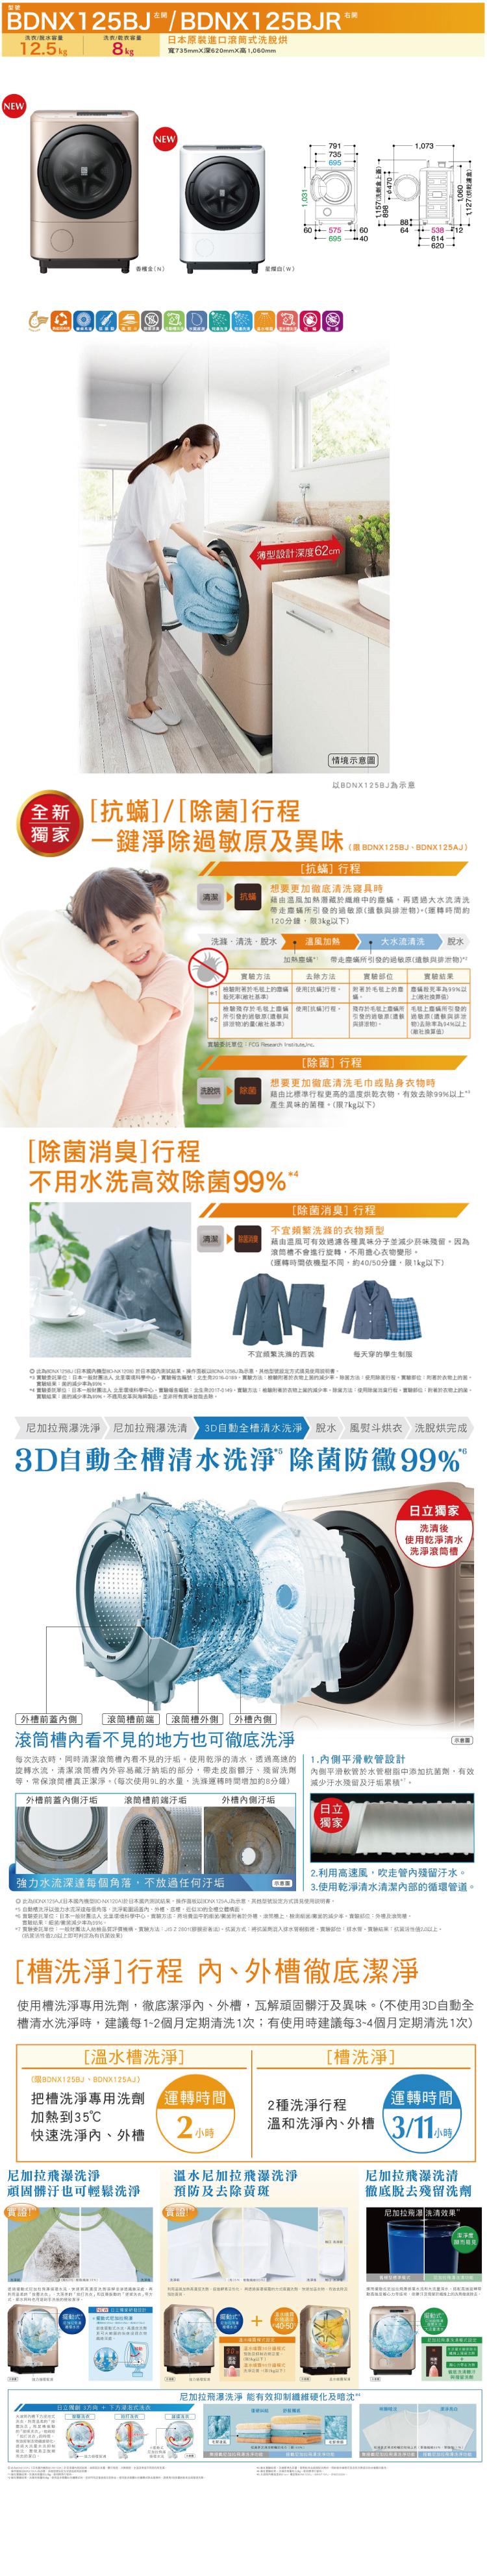 HITACHI 日立 BDNX125BJ 洗衣機 12.5kg 香檳金/星燦白 尼加拉飛瀑 風熨斗